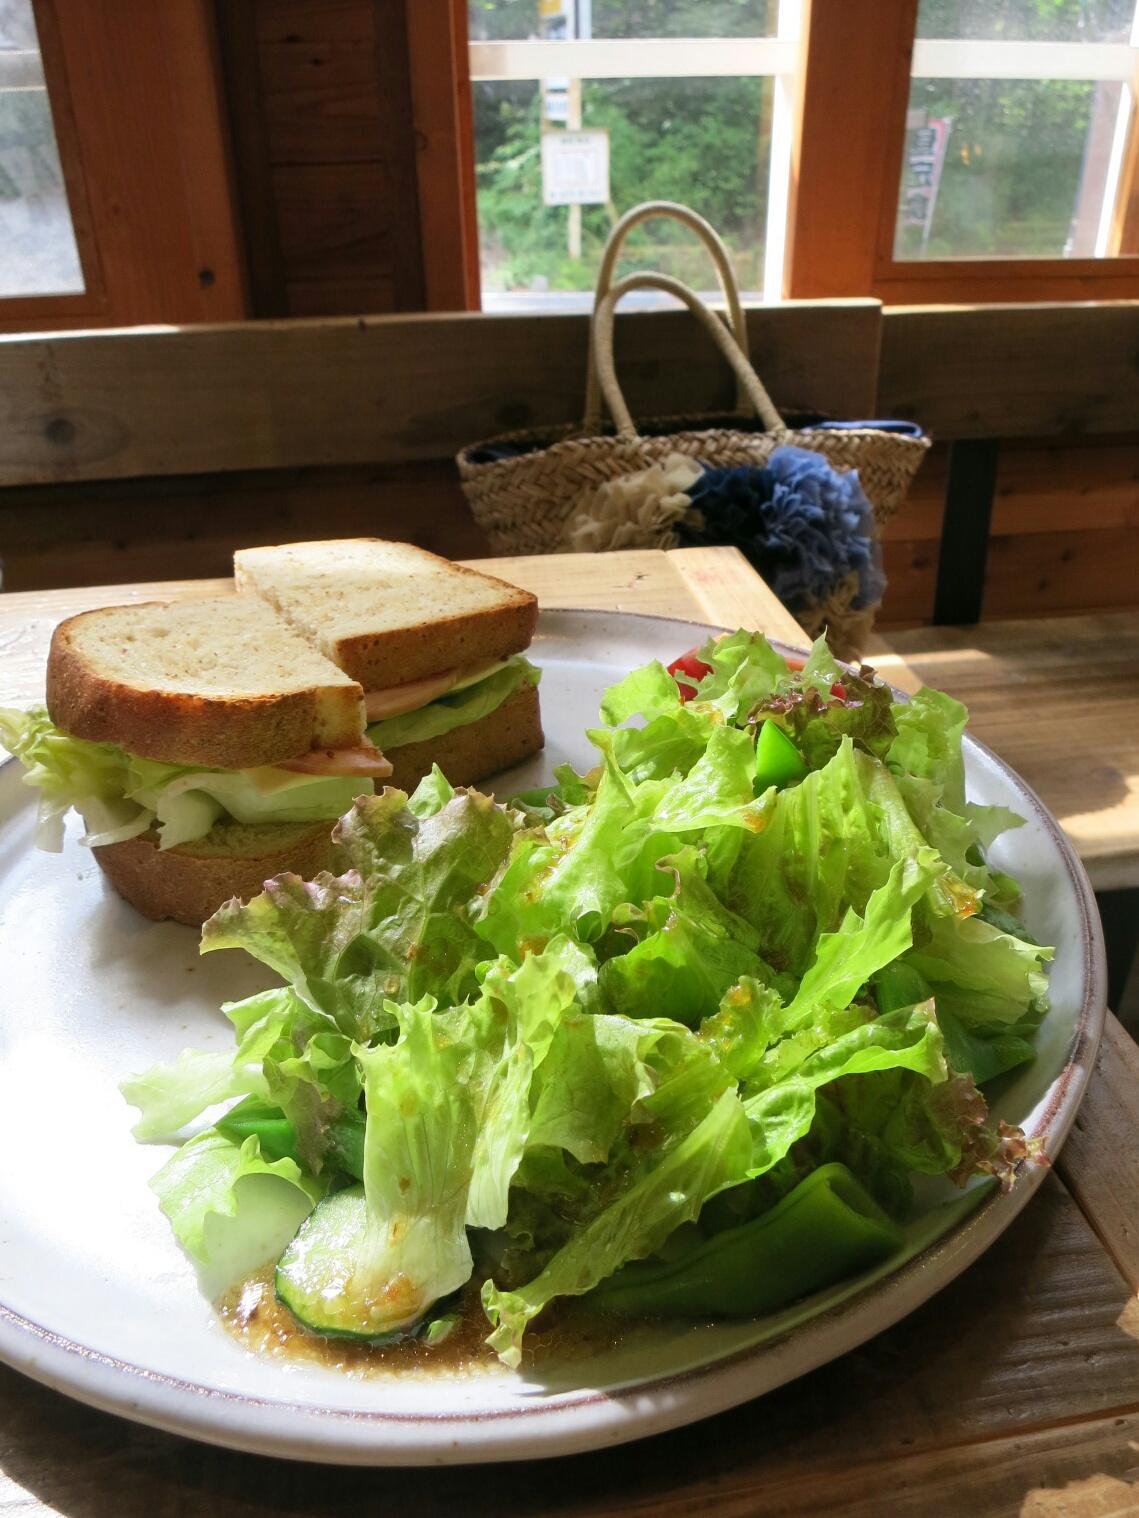 お野菜たっぷり☆六花のサンドイッチ&フレンチトースト@北軽<閉店>_f0236260_1435546.jpg